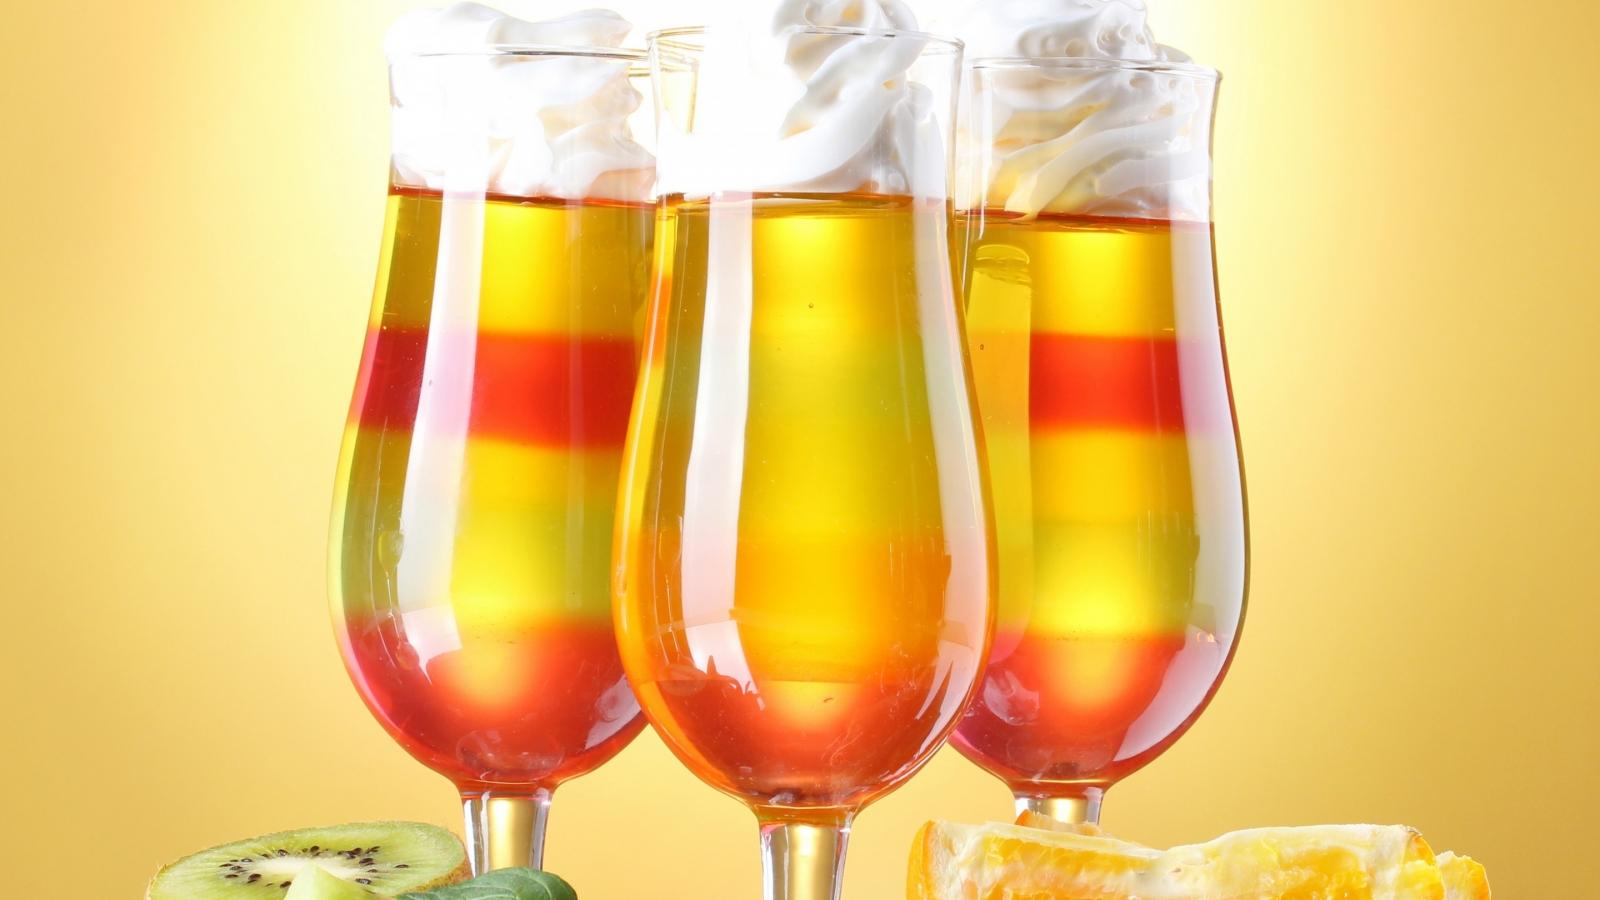 Registro Bienes Muebles Almeria : Copas para cocteles un toque de color tus c